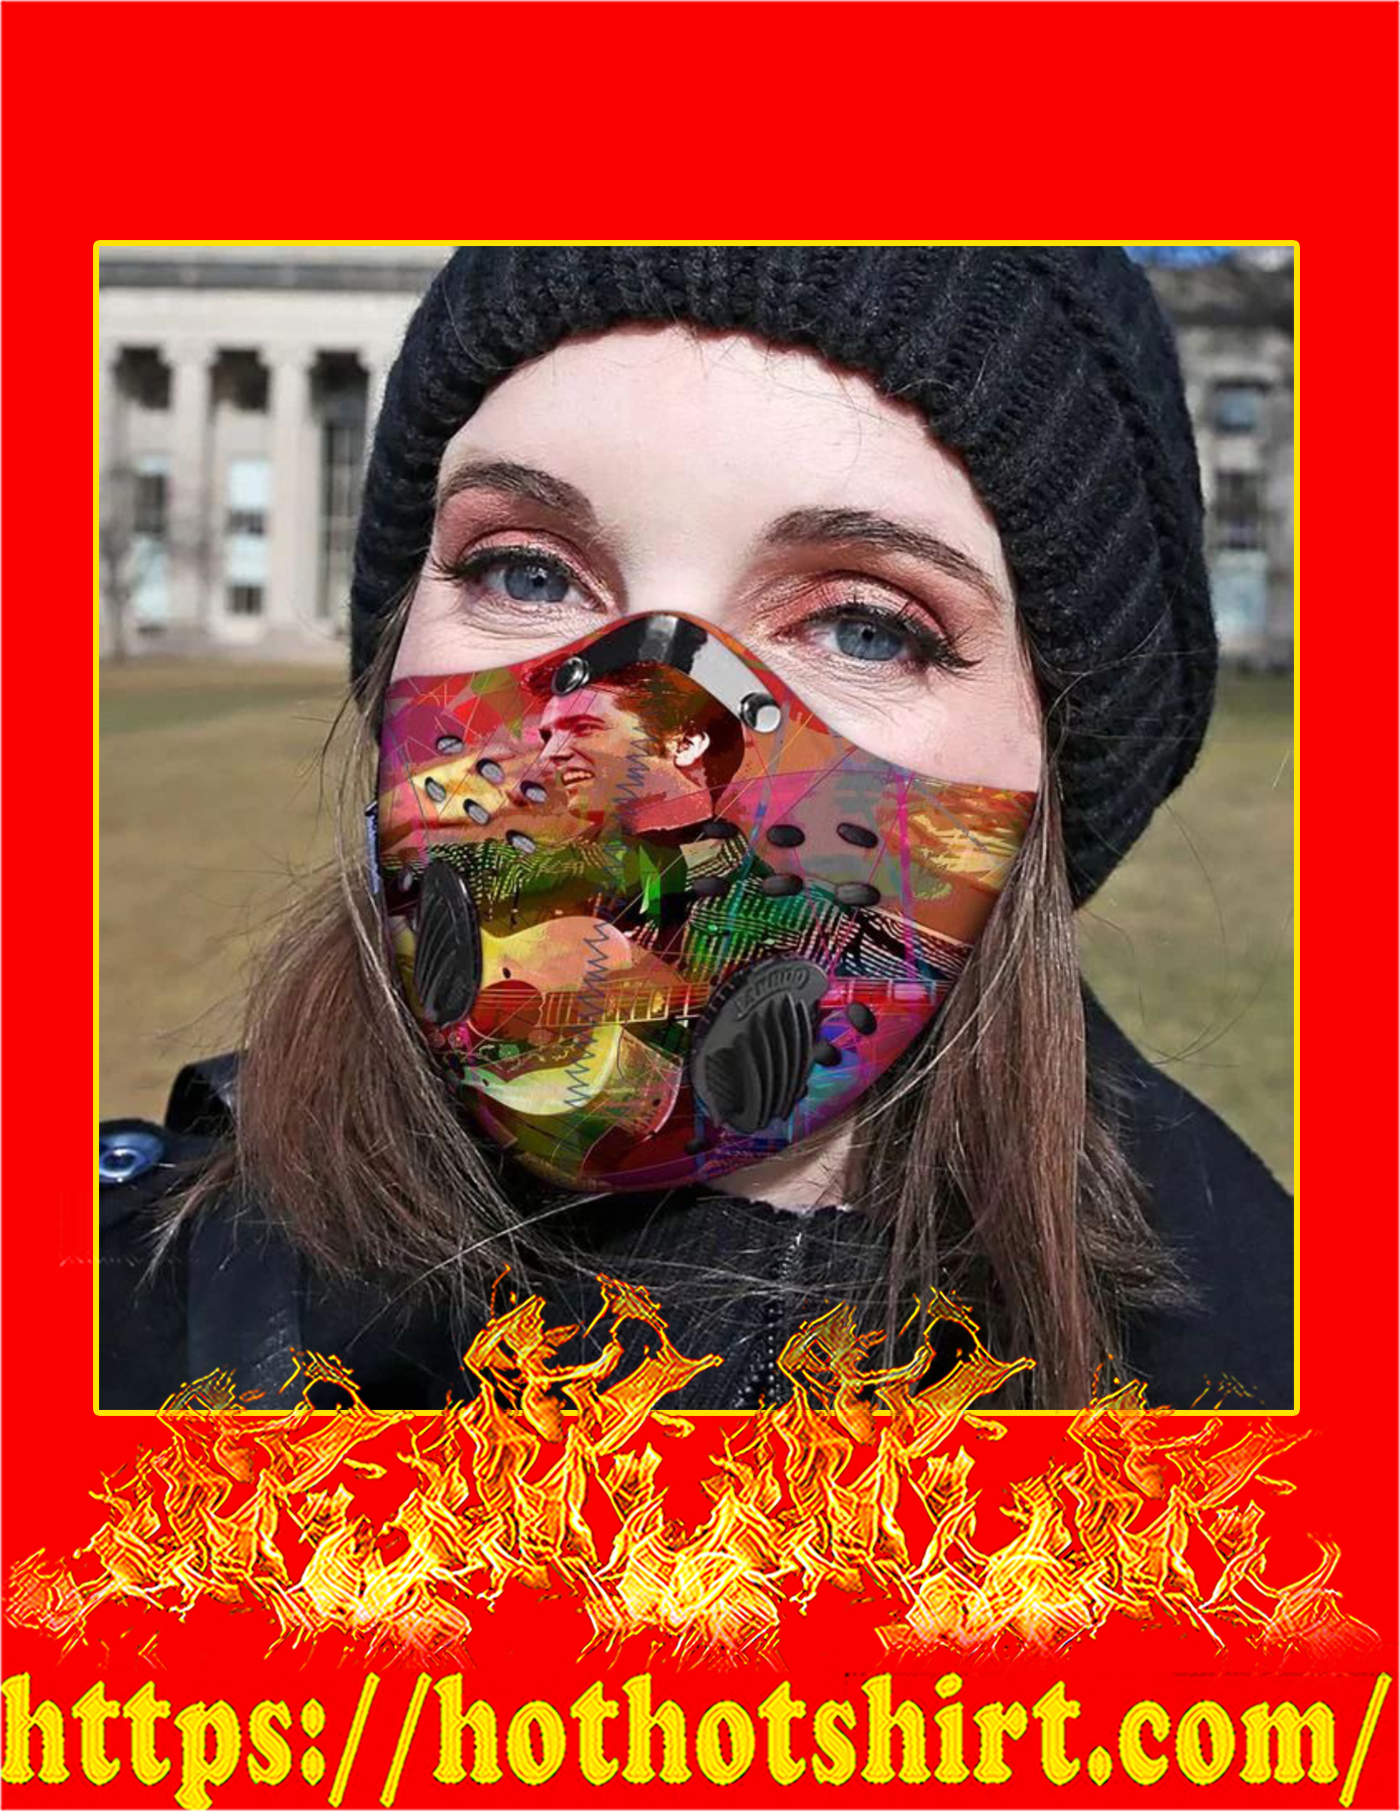 Elvis presley filter face mask